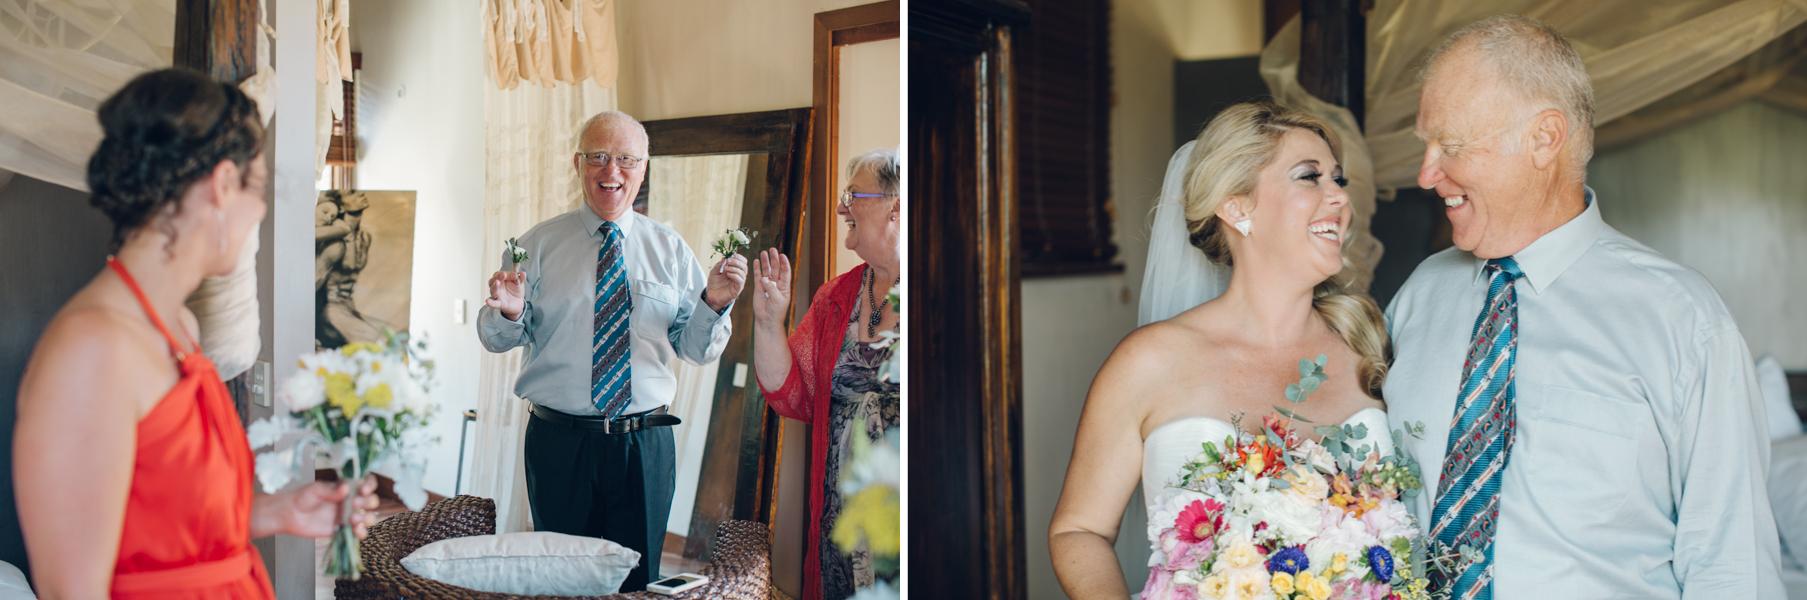 Erin & Craig Byron Bay Wedding Photography 13.jpg